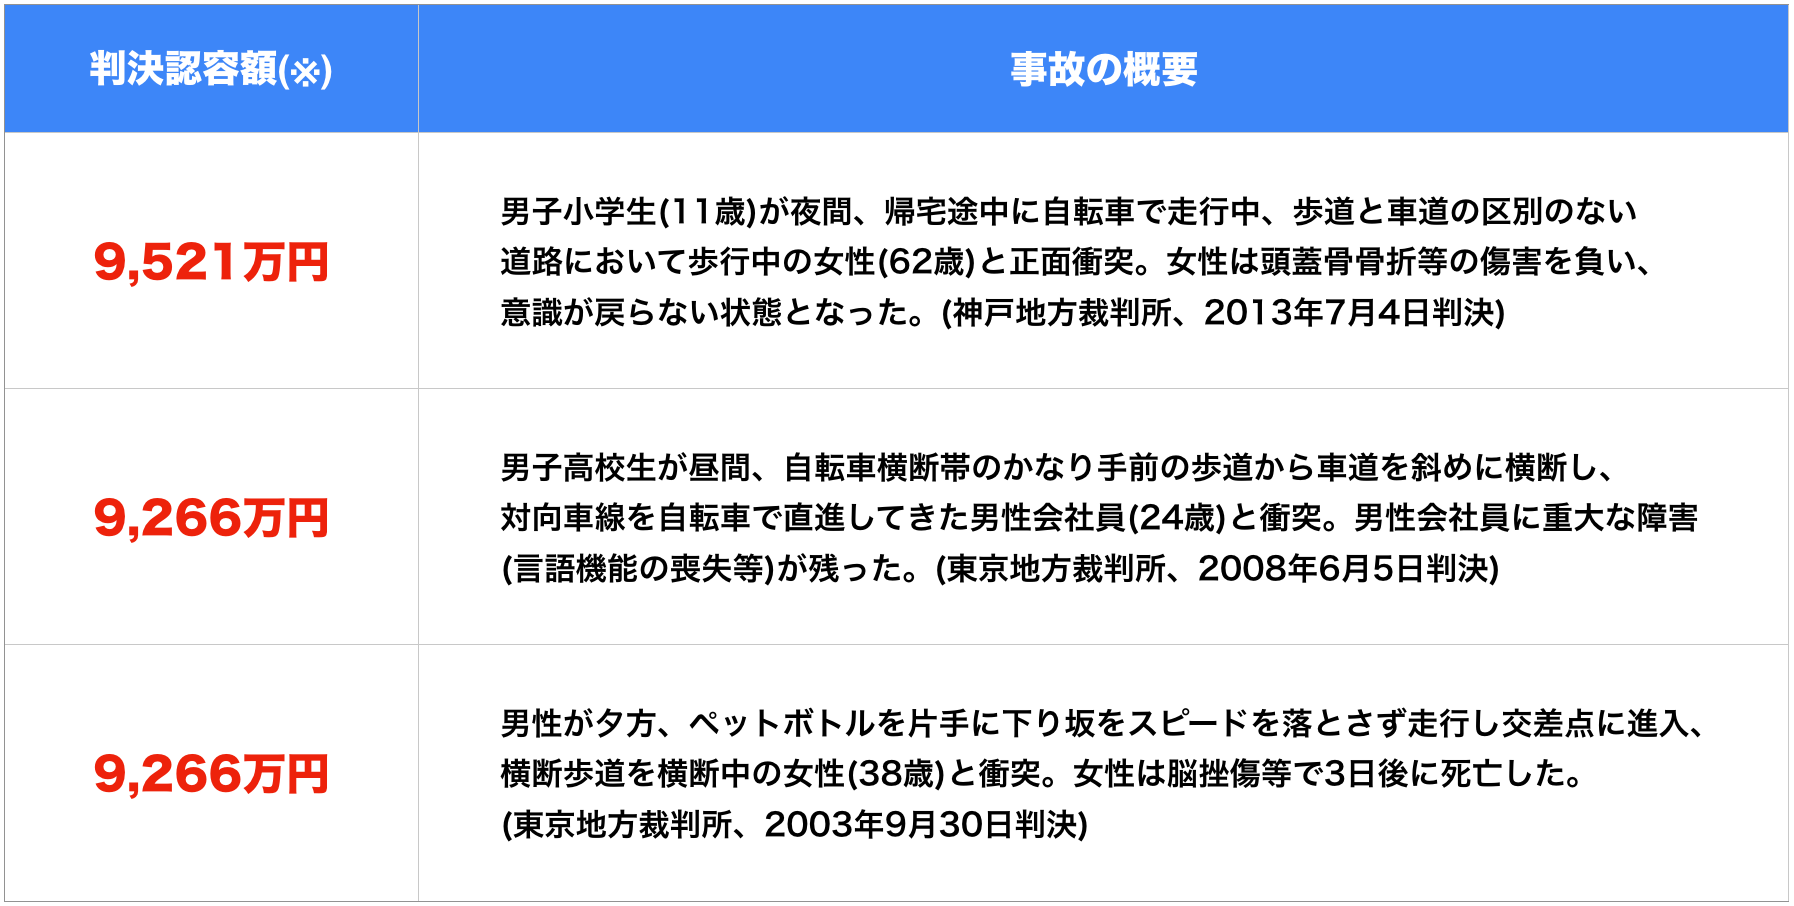 表損害賠償_3.31.11